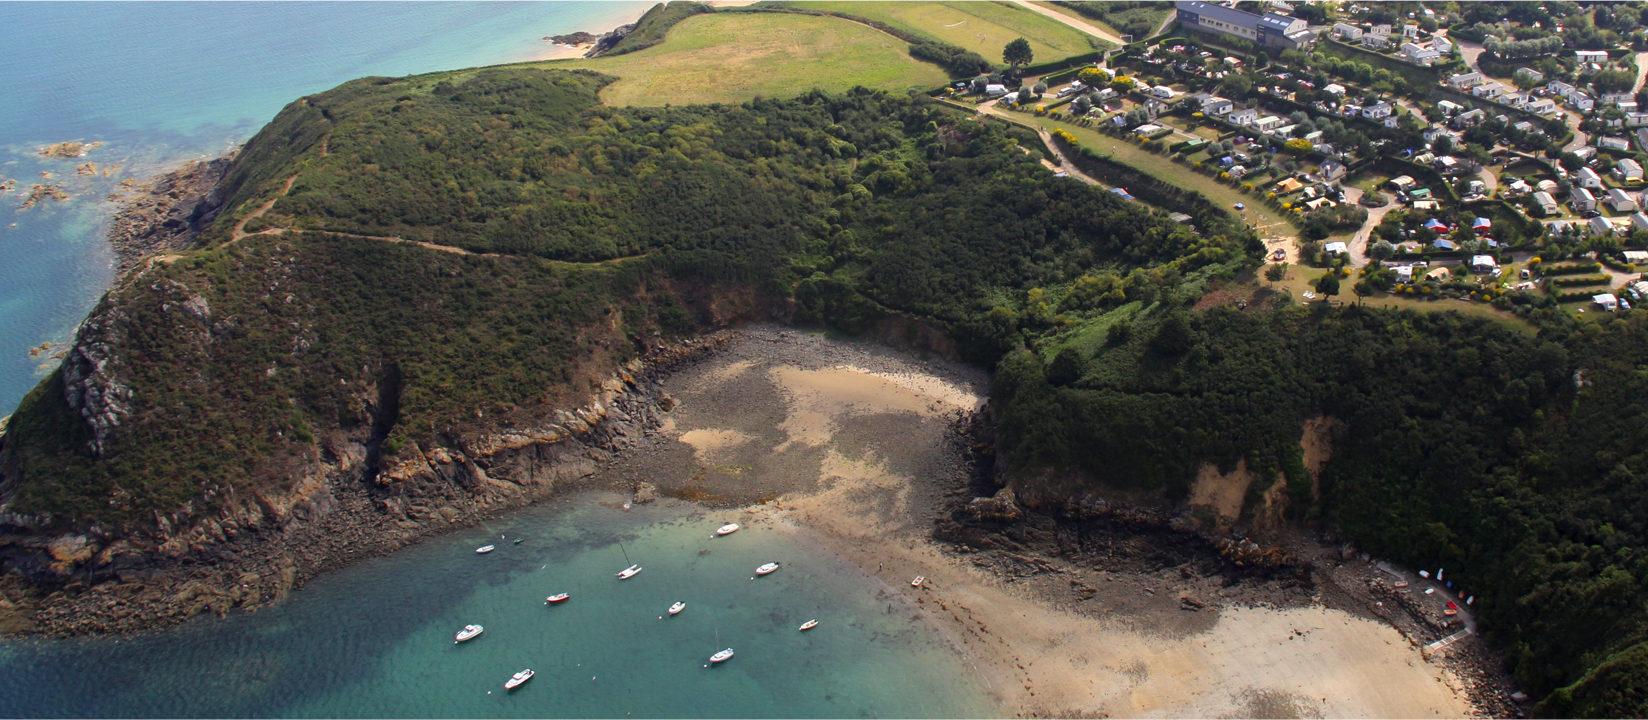 Le Châtelet, prachtig gelegen camping aan de kust van Bretagne